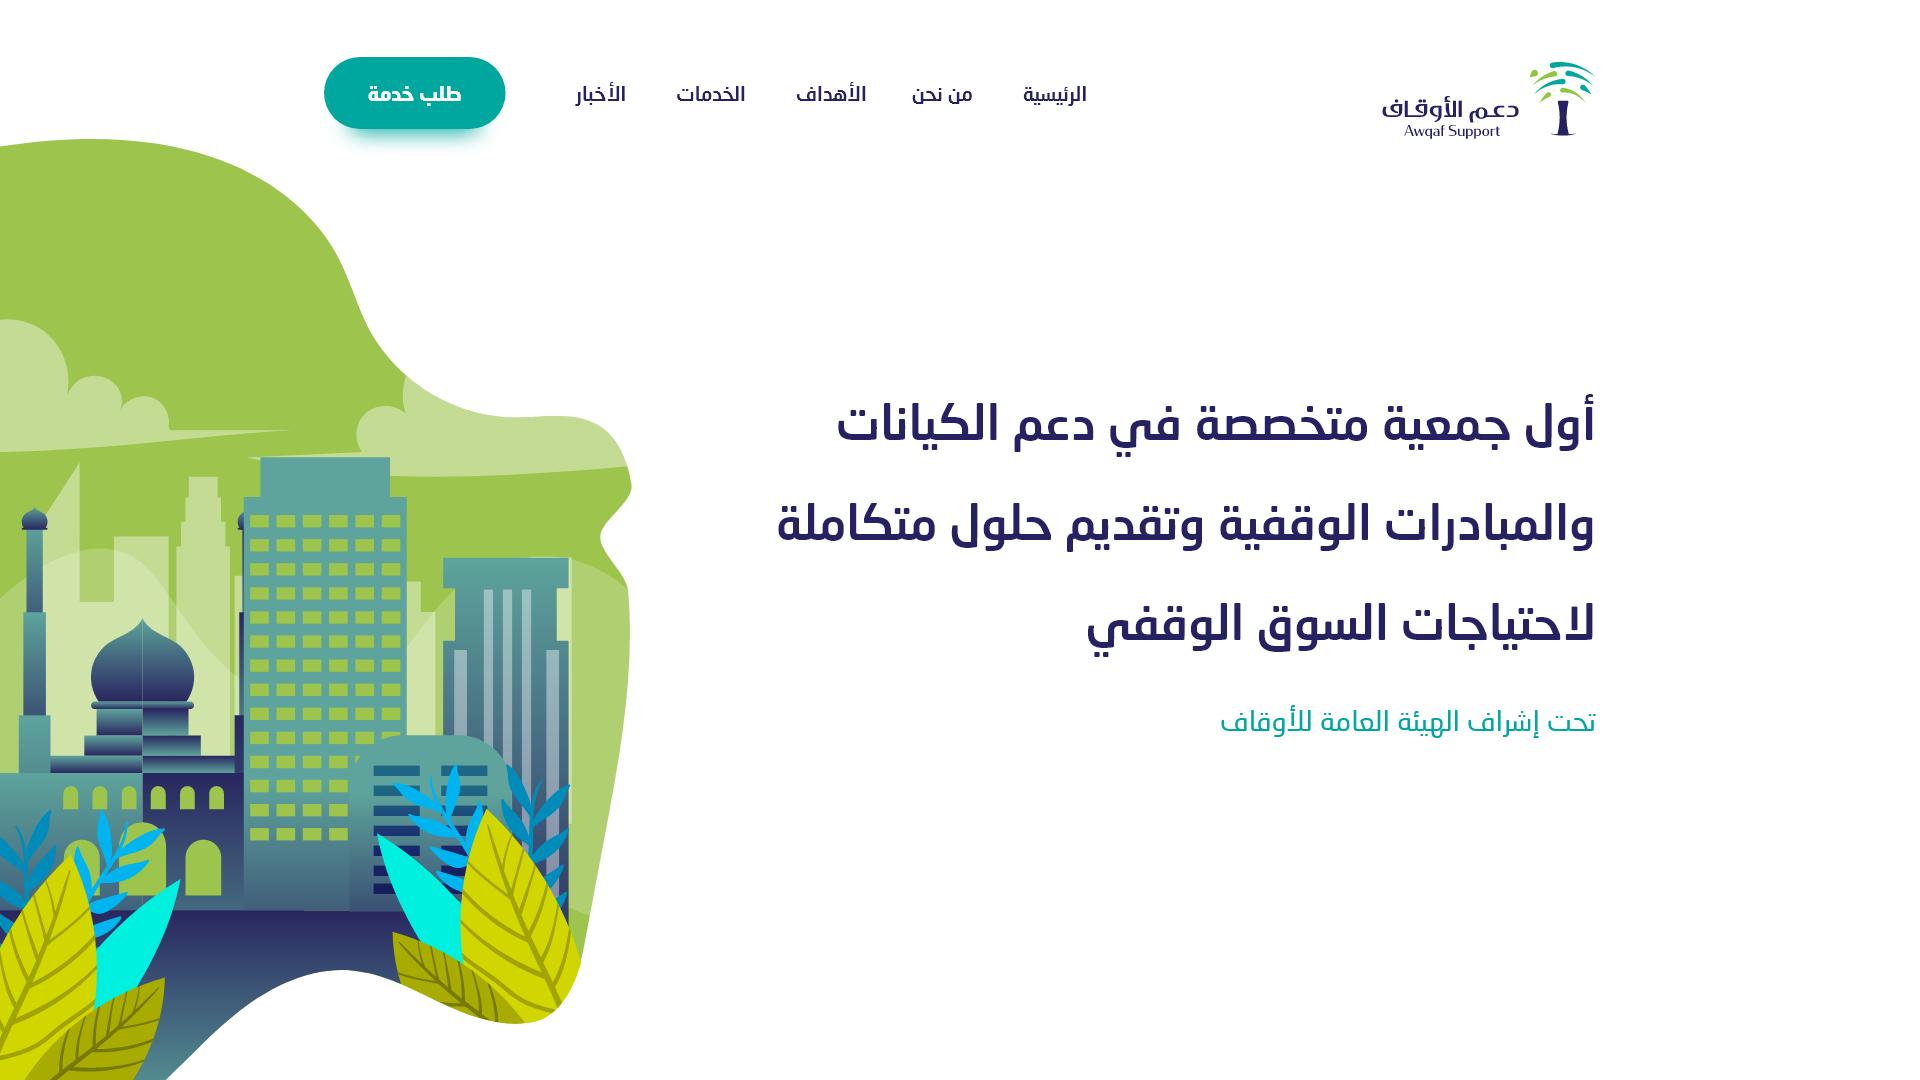 تصميم وتطوير موقع جمعية دعم الأوقاف